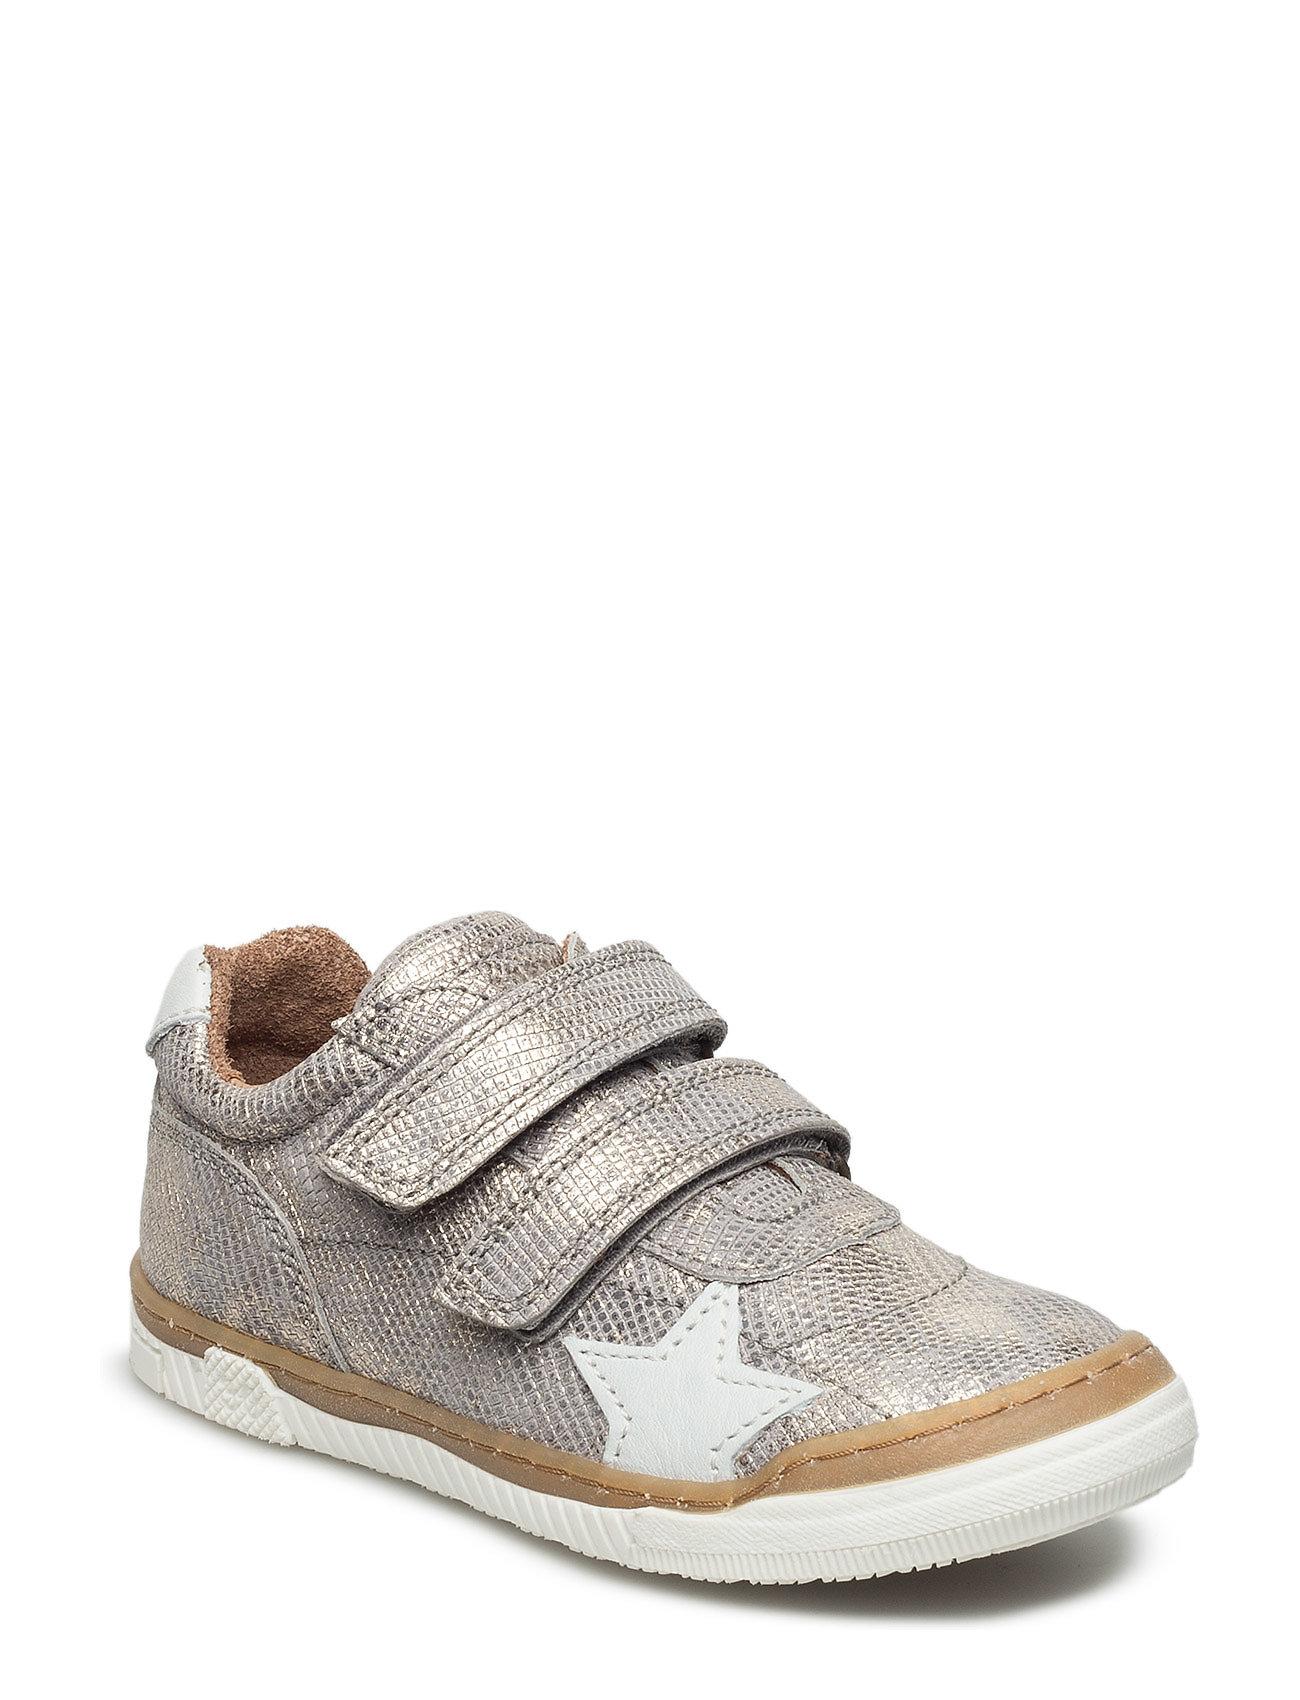 21ee0551a77 Køb Velcro Shoes Bisgaard Sko i til Drenge online